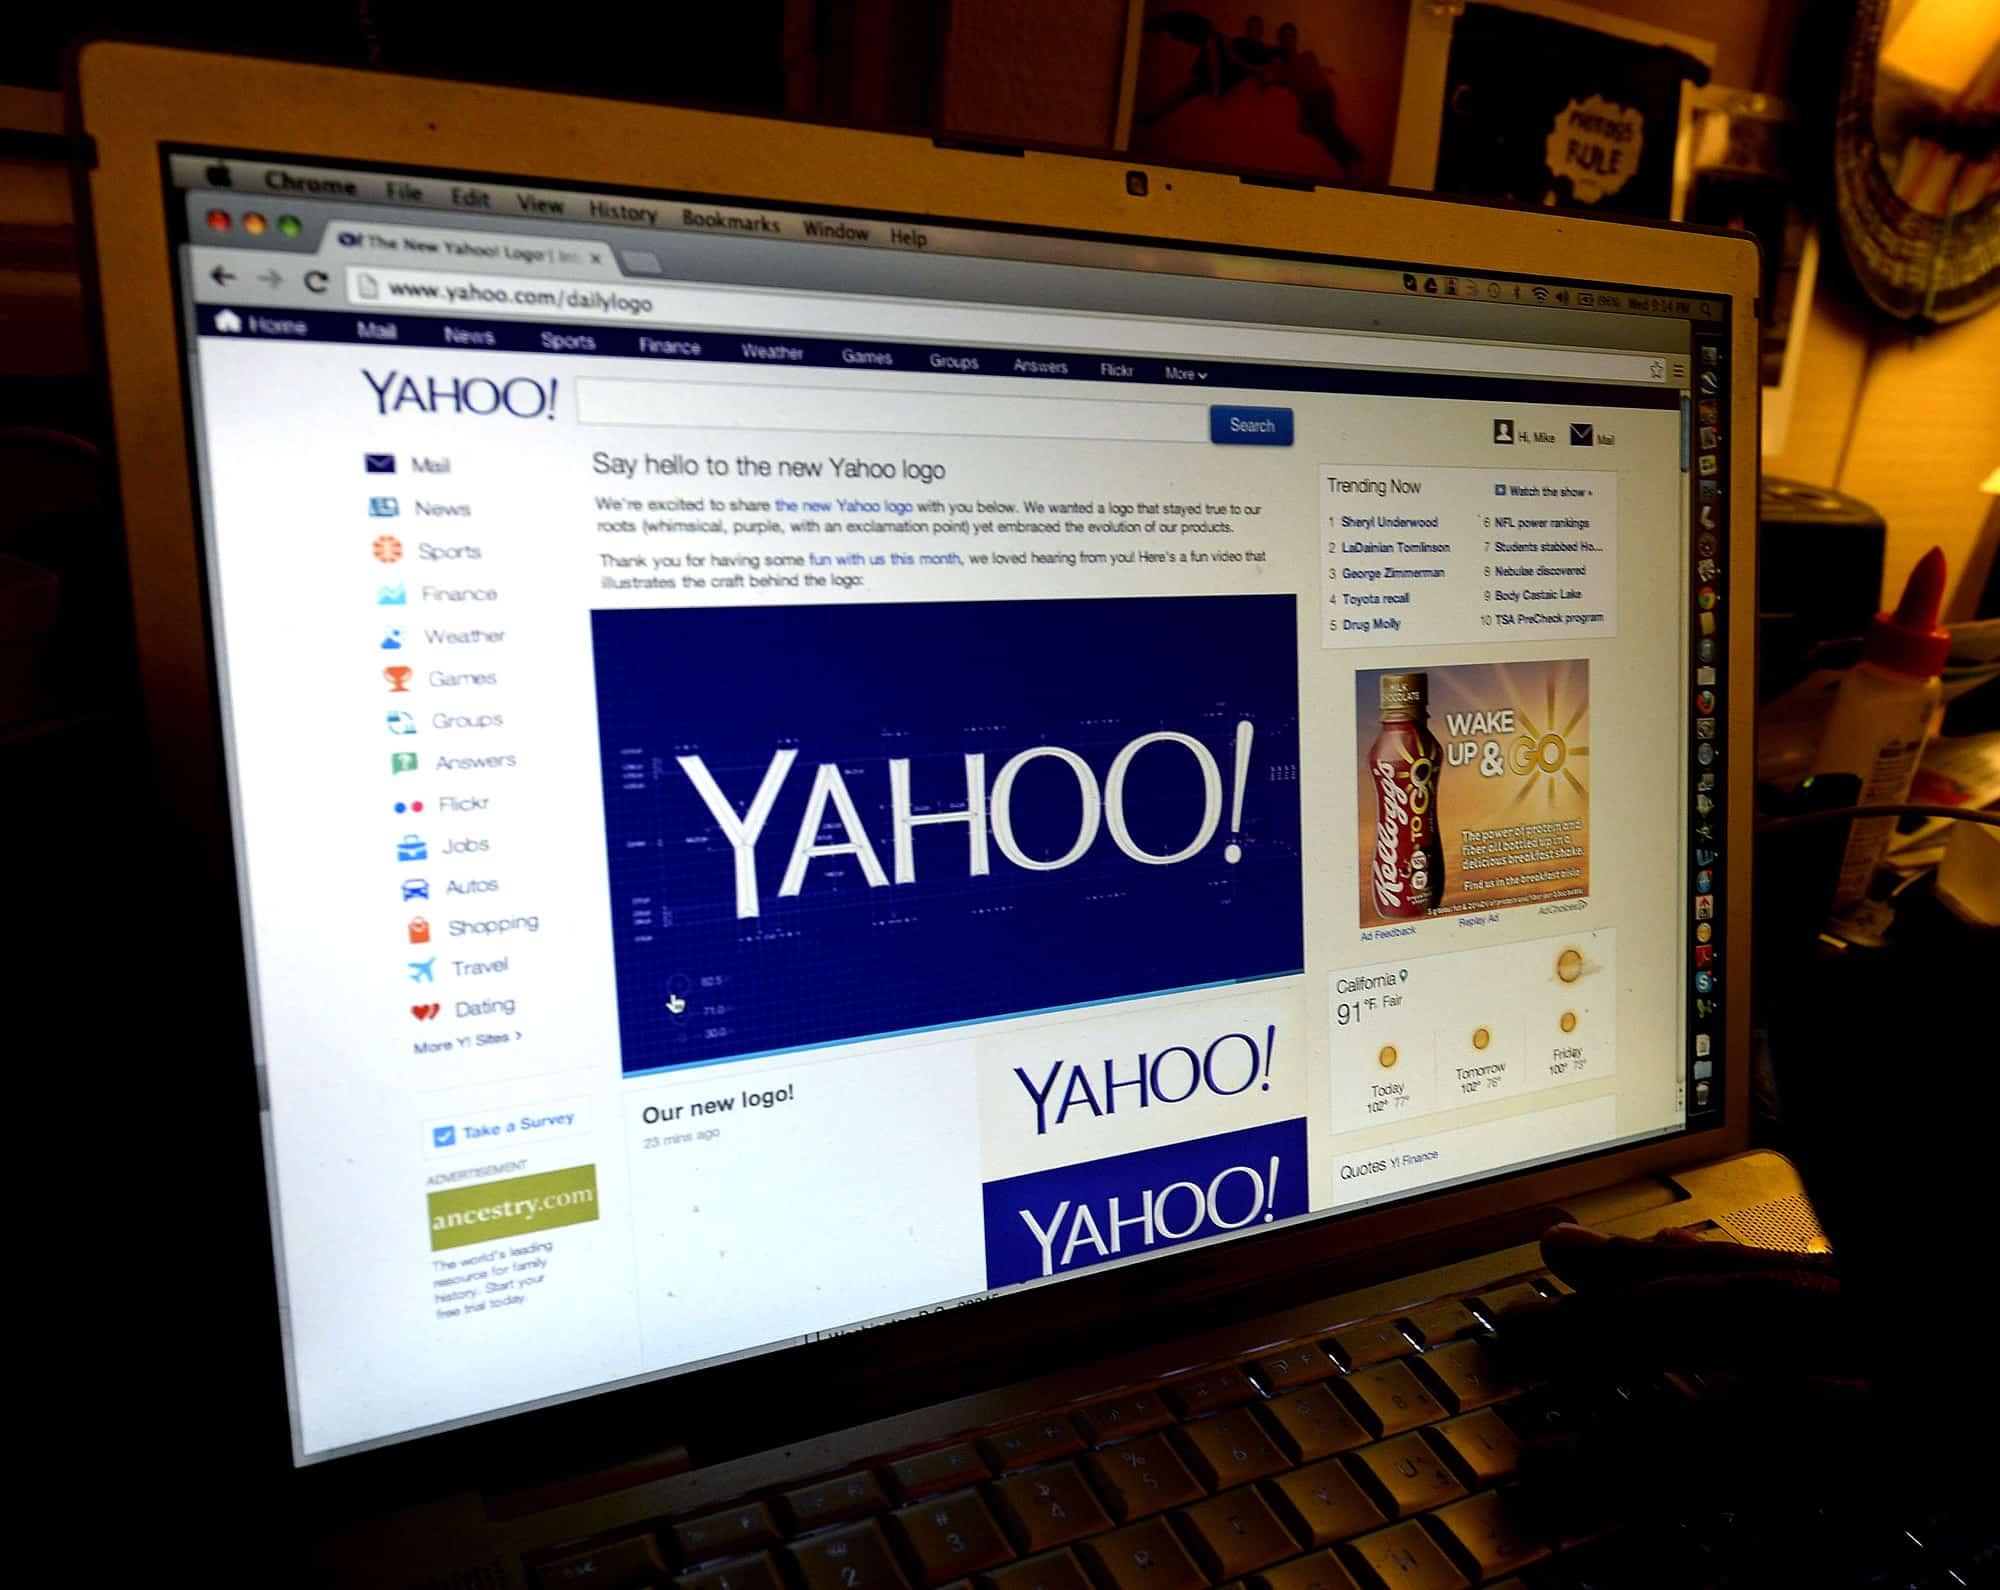 Yahoo! ha conseguido más de 200 millones de dólares en ingresos entre abril y juno de 2014.